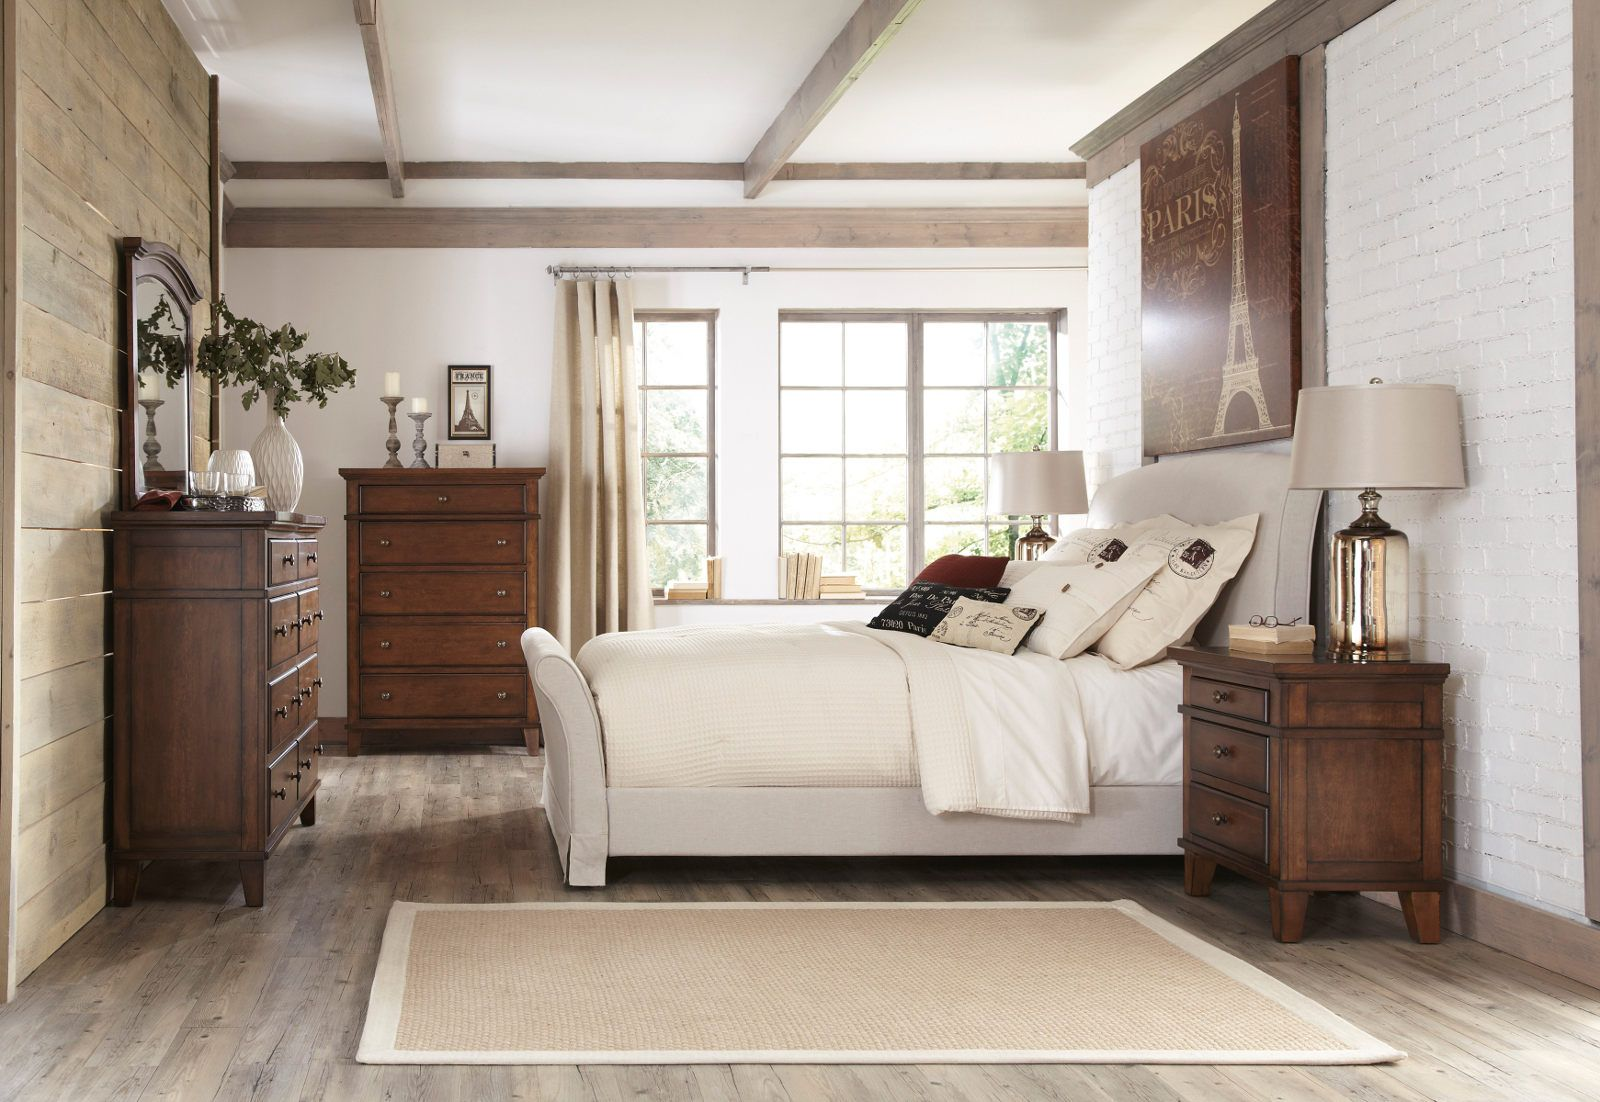 Burkesville Upholstered w/ Slipcover Sleigh Bedroom Set